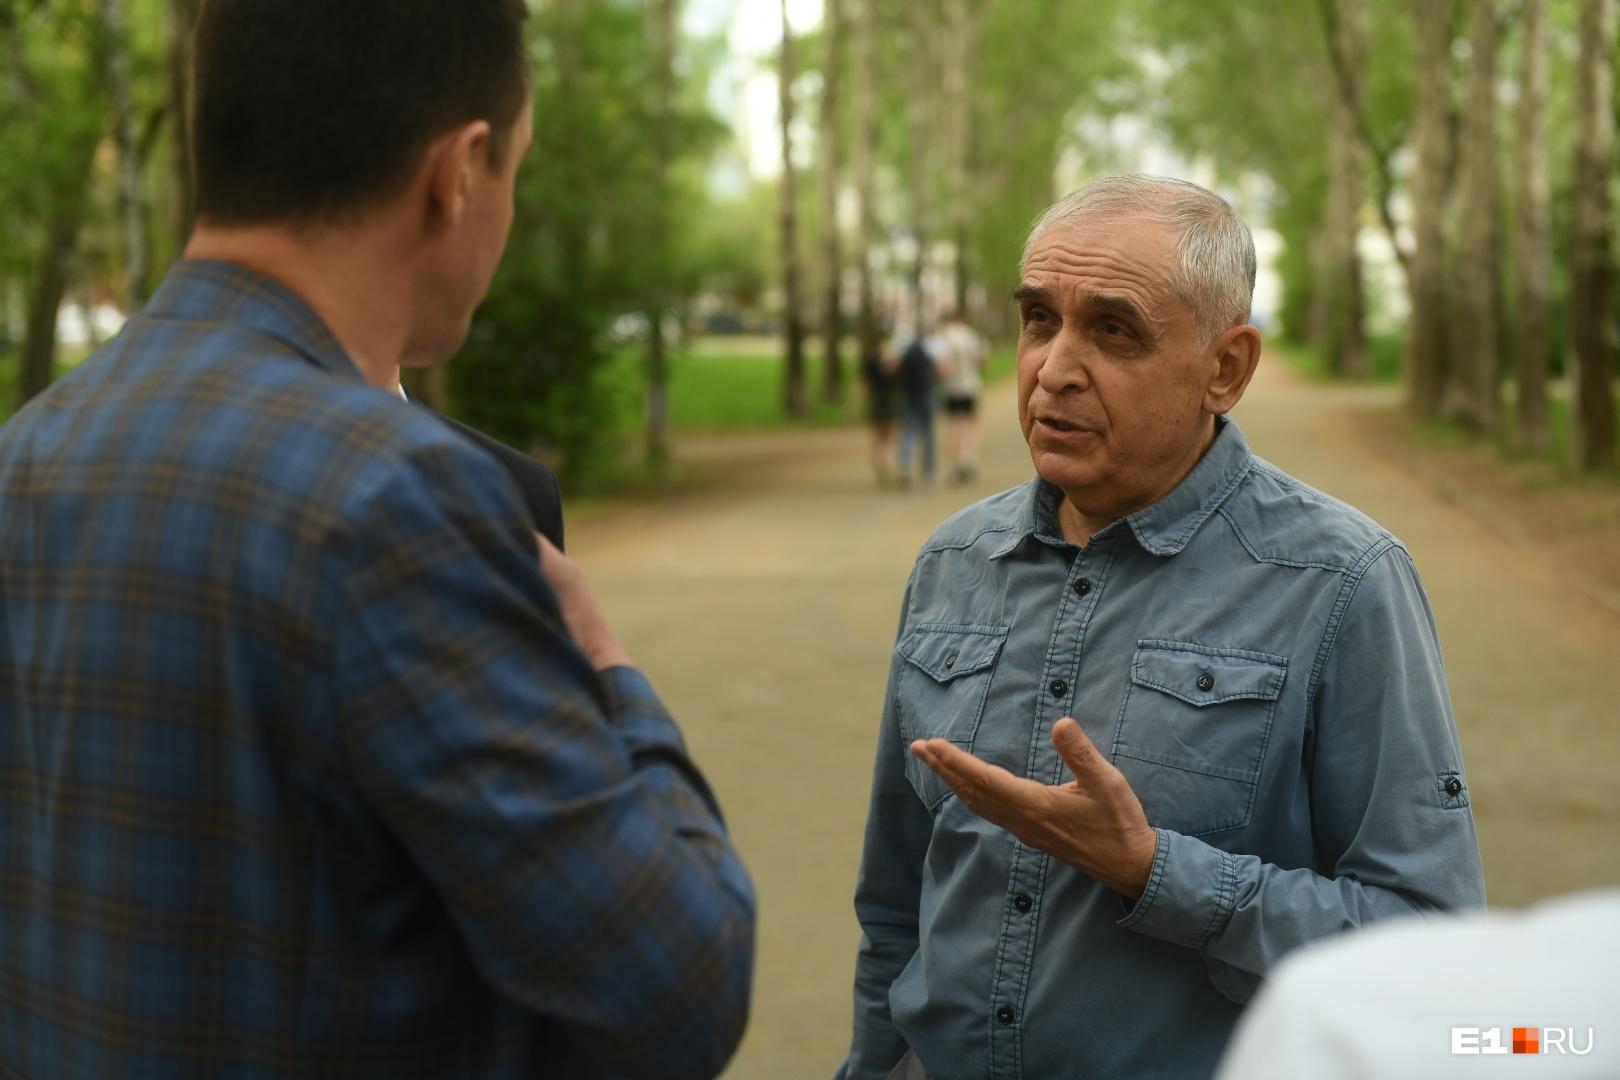 Виктор Сёмин просит, чтобы к диалогу жителей с подрядчиком присоединились и представители мэрии